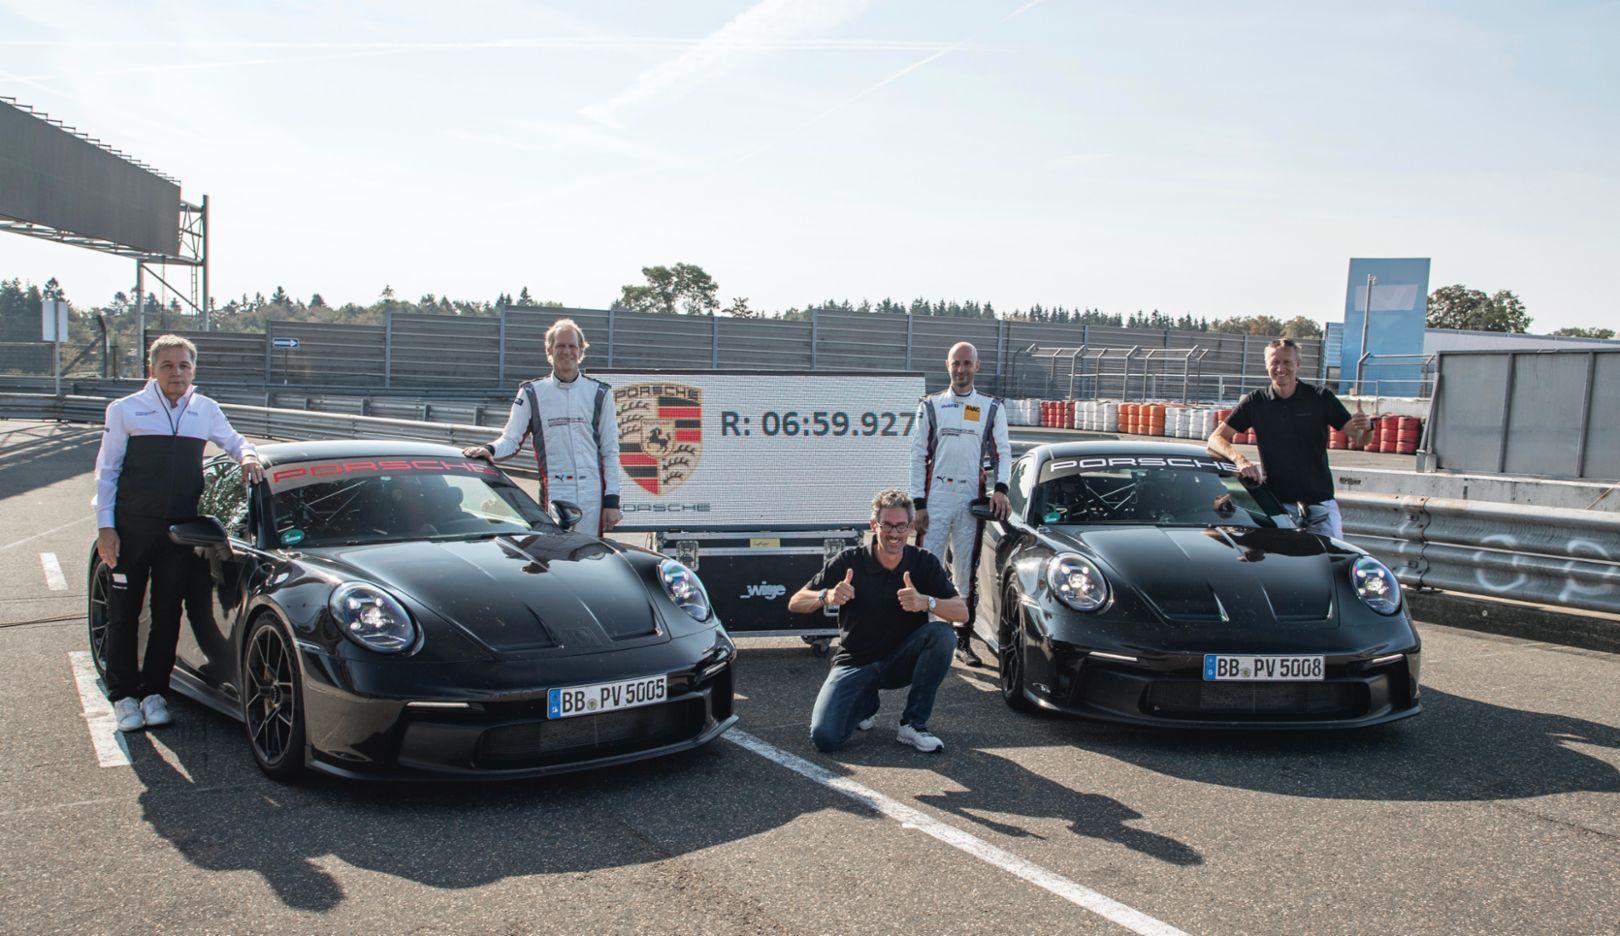 2021 Porsche 911 992 GT3 Nürburgring laptime